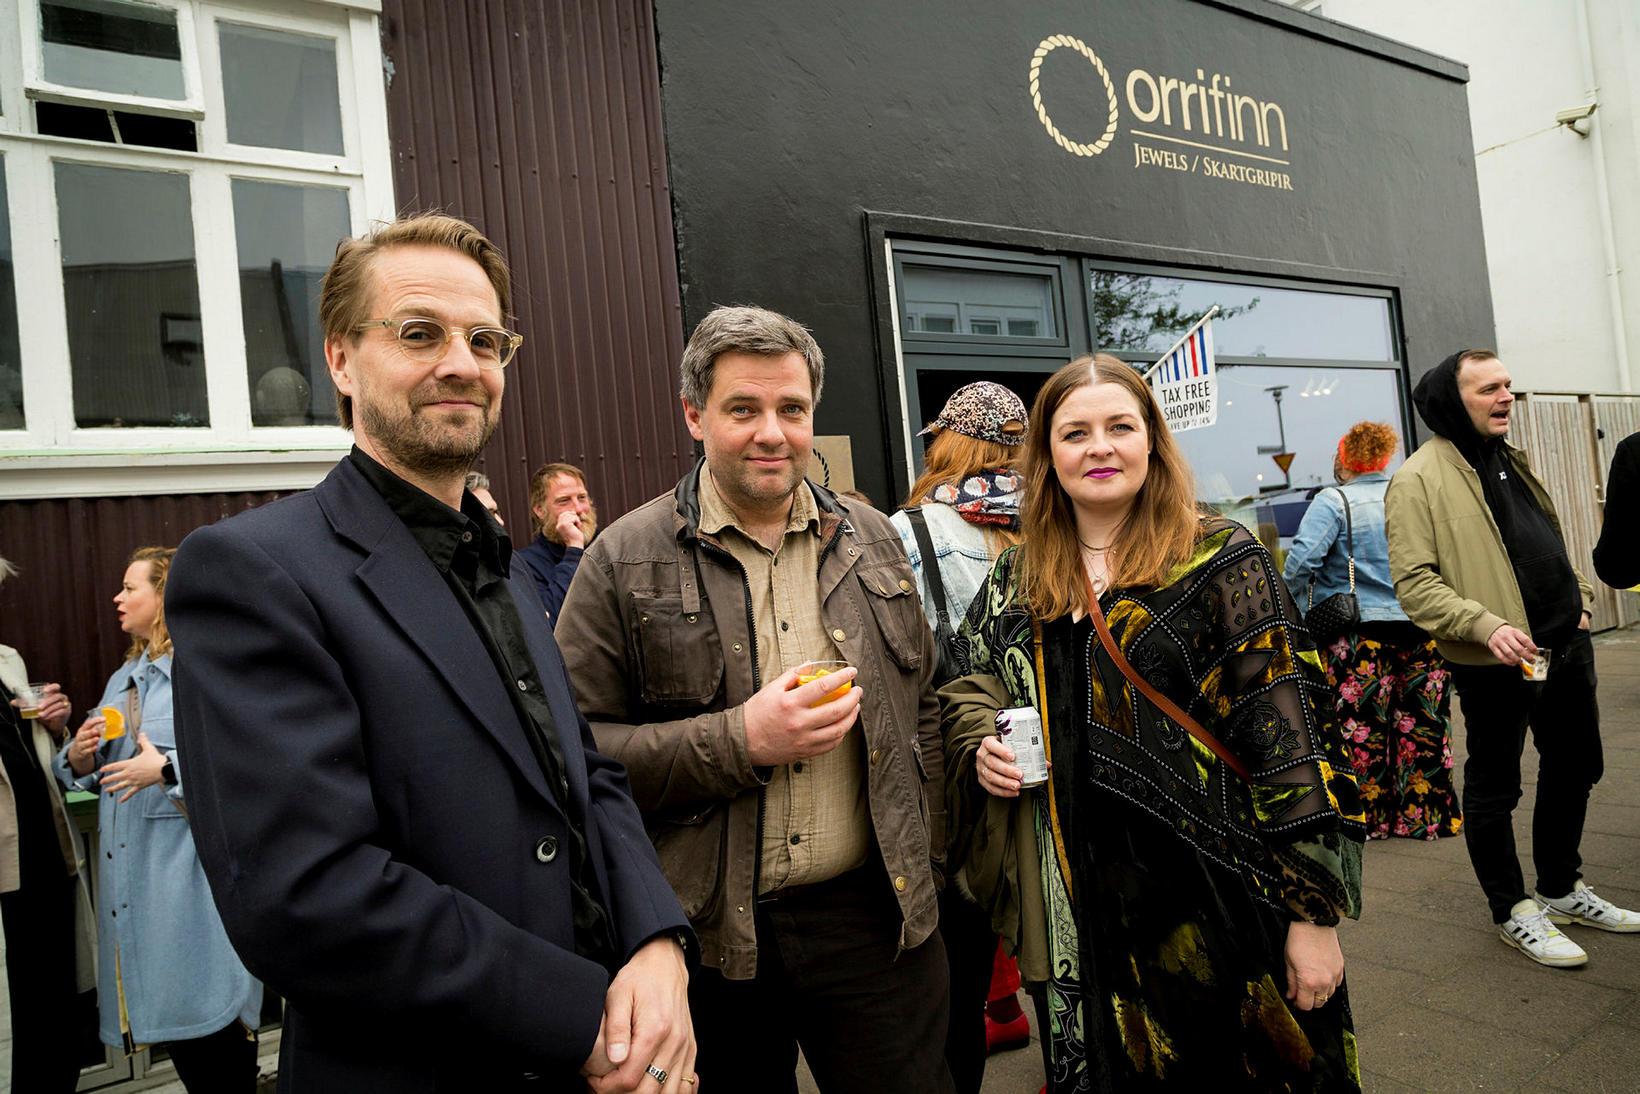 Ófeigur Sigurðsson, Tjörfi Bjarnason og Heiðrún Sigurðardóttir